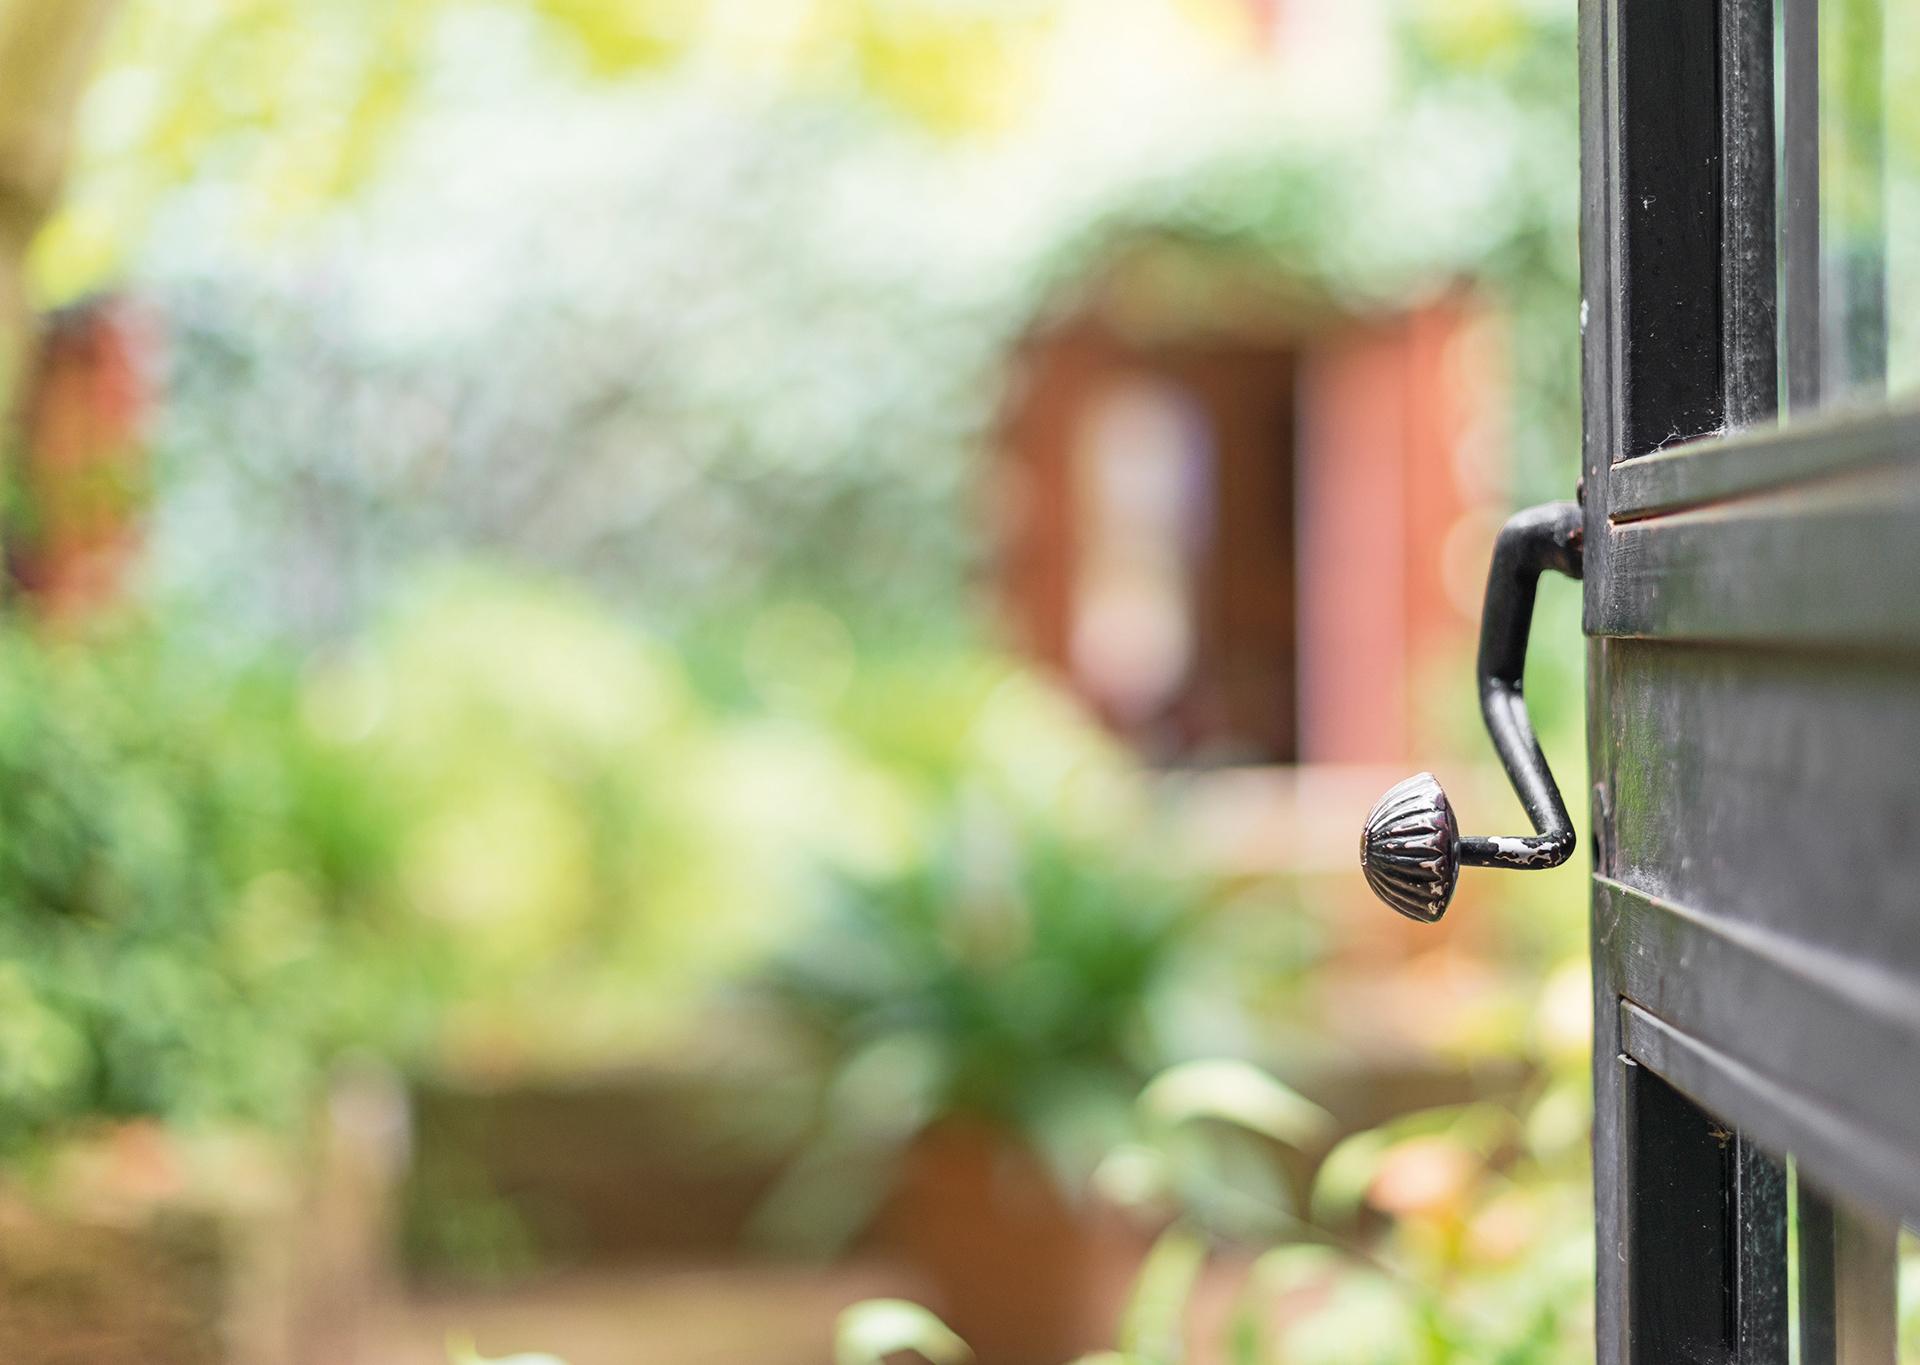 Offene Tür mit Blick in den Garten